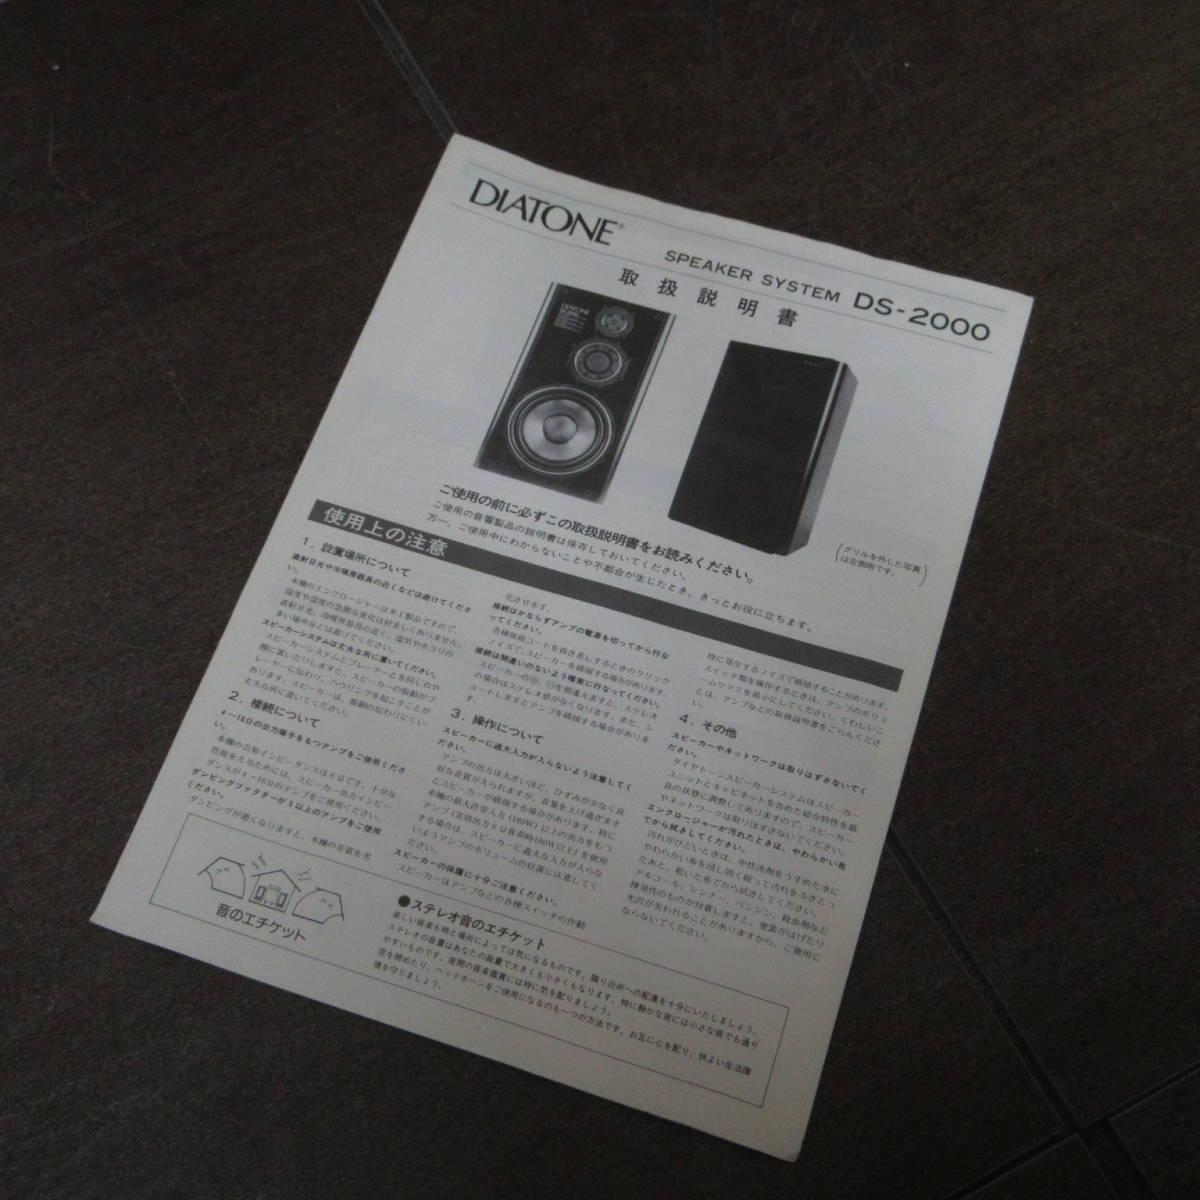 店頭引取歓迎 札幌発 DIATONE スピーカー DS-2000 3ウェイ3スピーカー ブックシェルフ型 オーディオ機器 ダイヤトーン 東KK_画像10